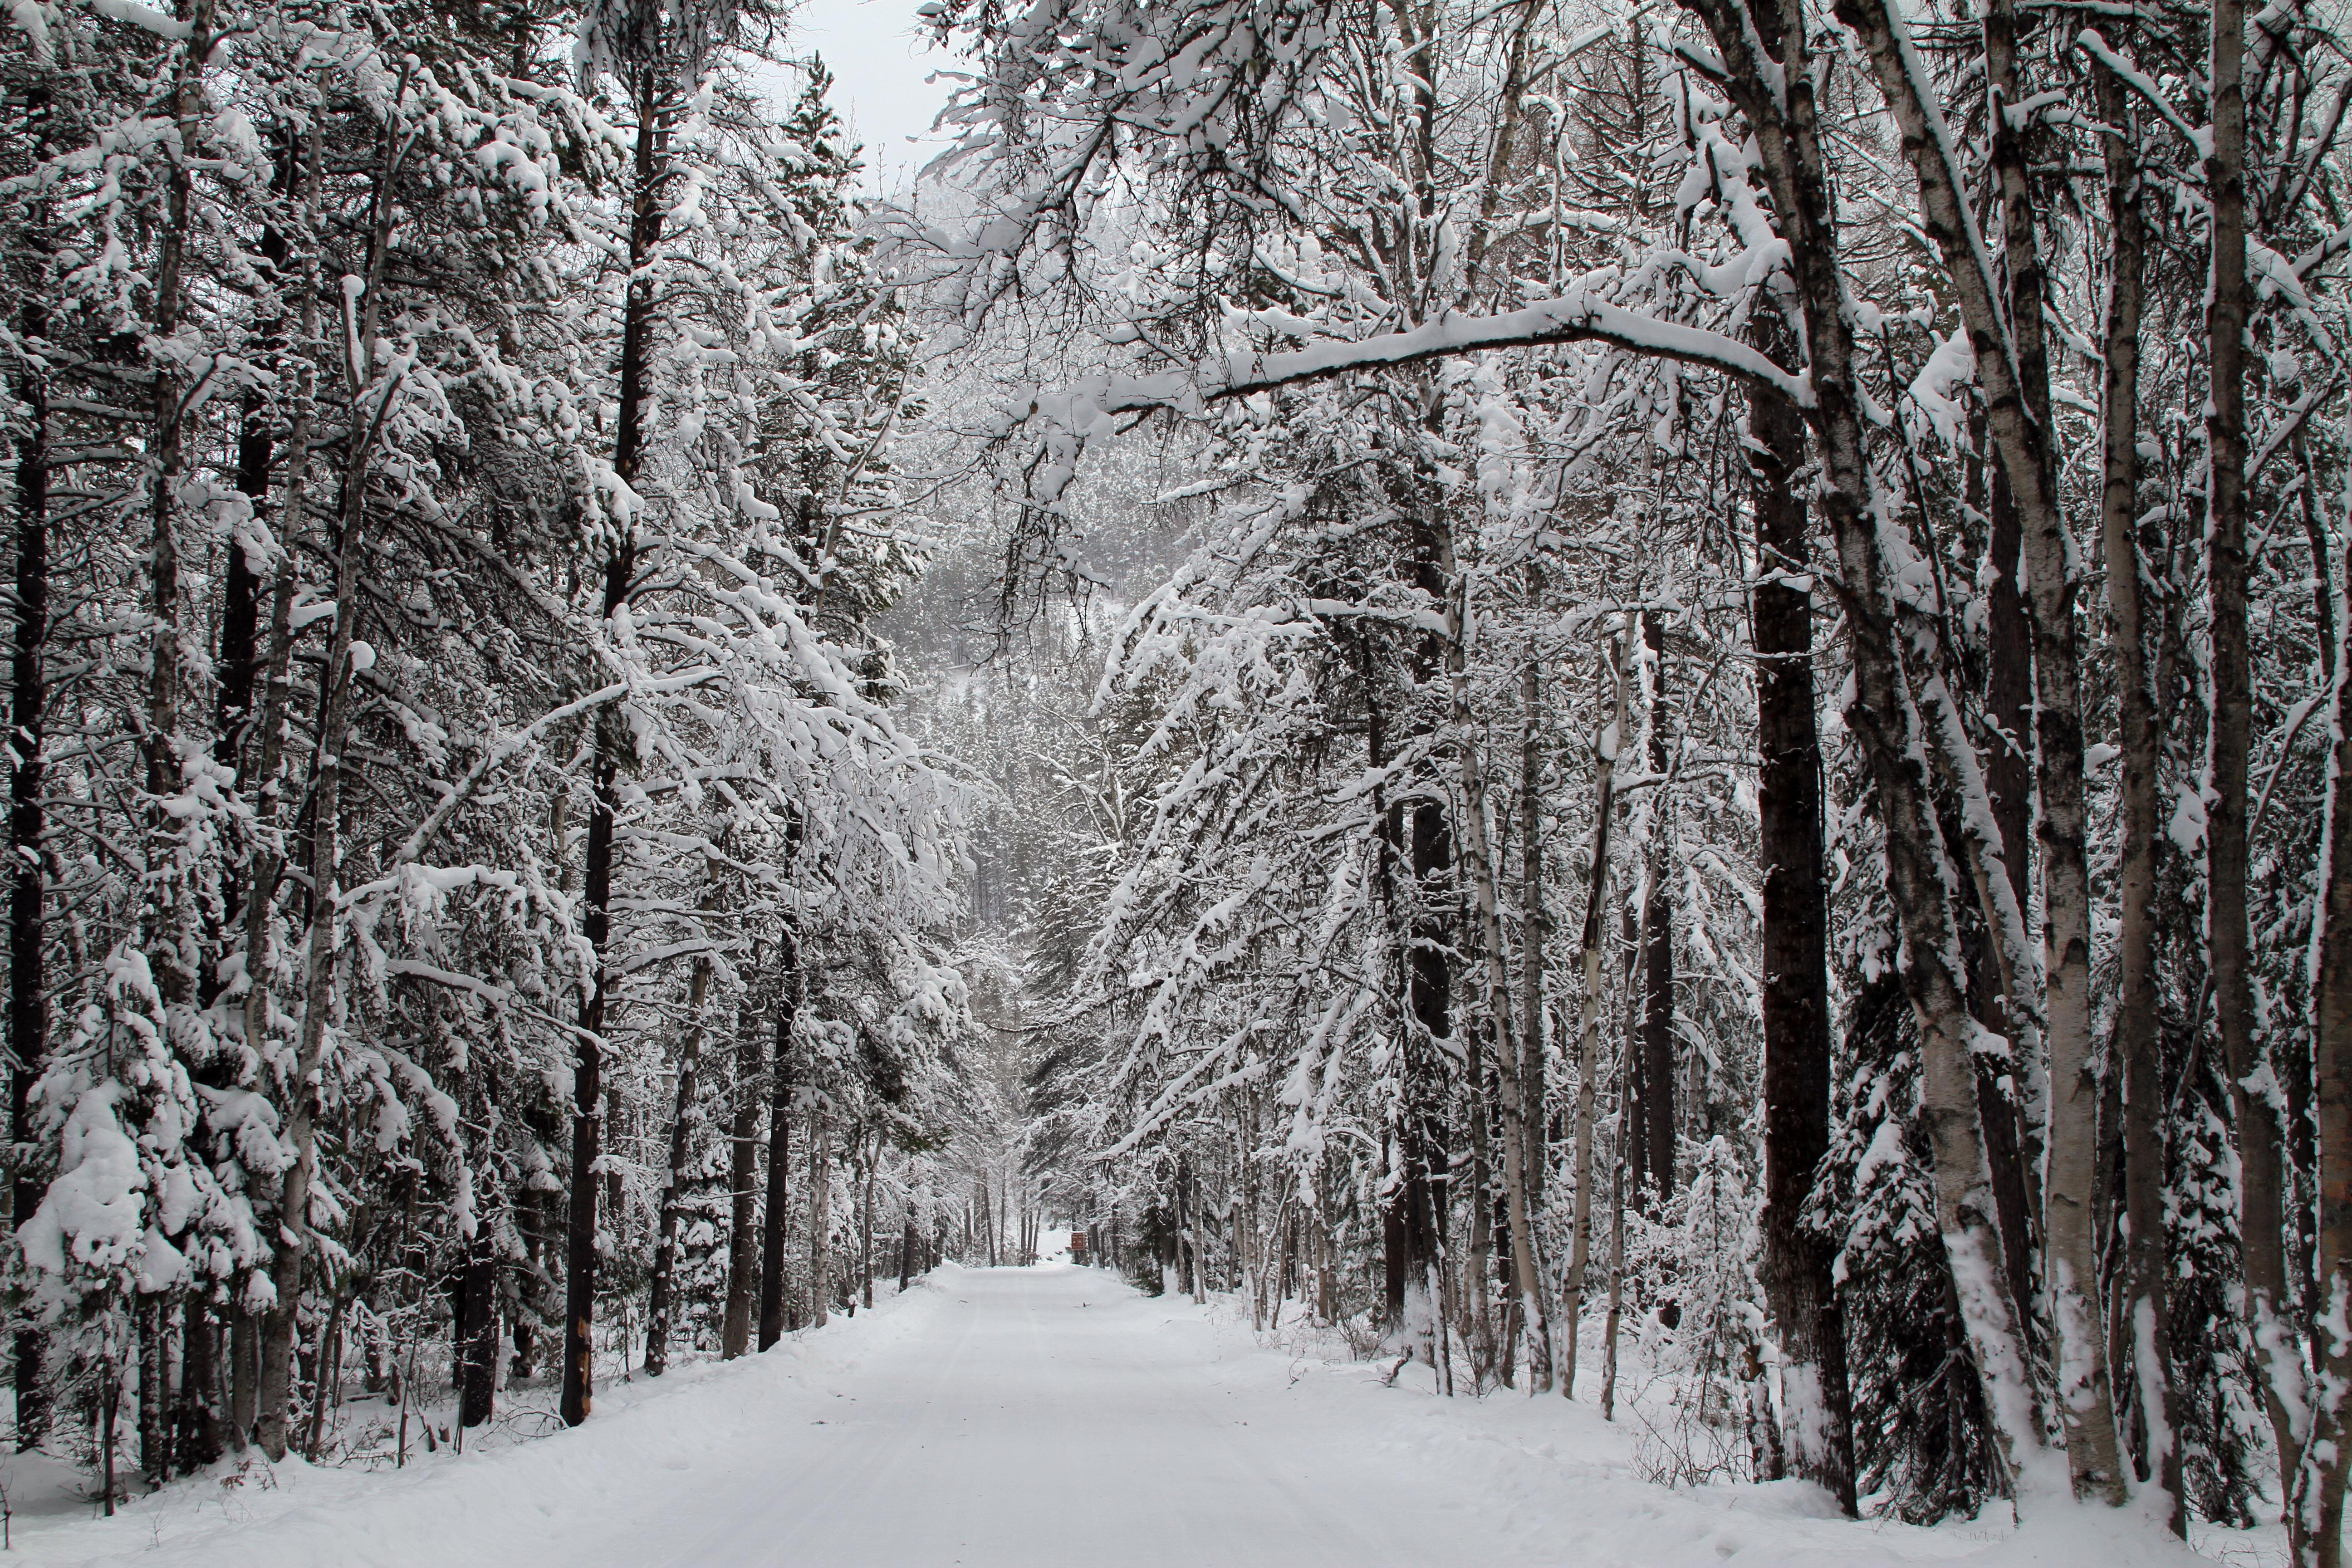 File:Winter Wonderland in Apgar Village (5230363852).jpg